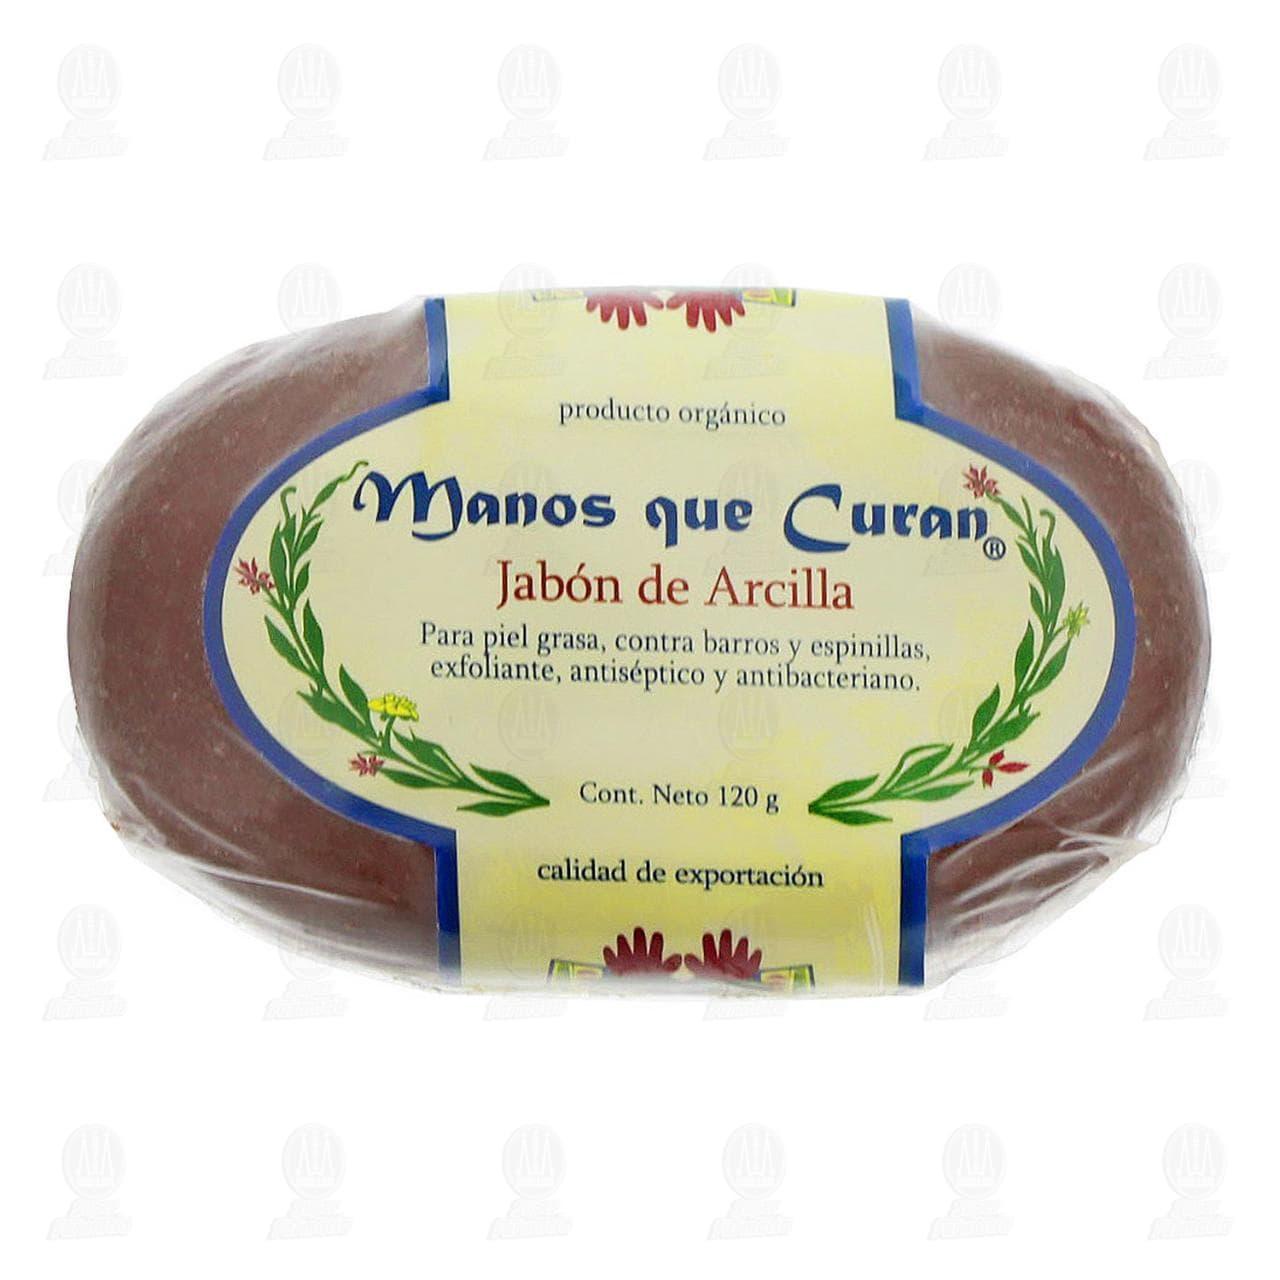 Comprar Jabón Orgánico Manos que Curan de Arcilla, 120 gr. en Farmacias Guadalajara